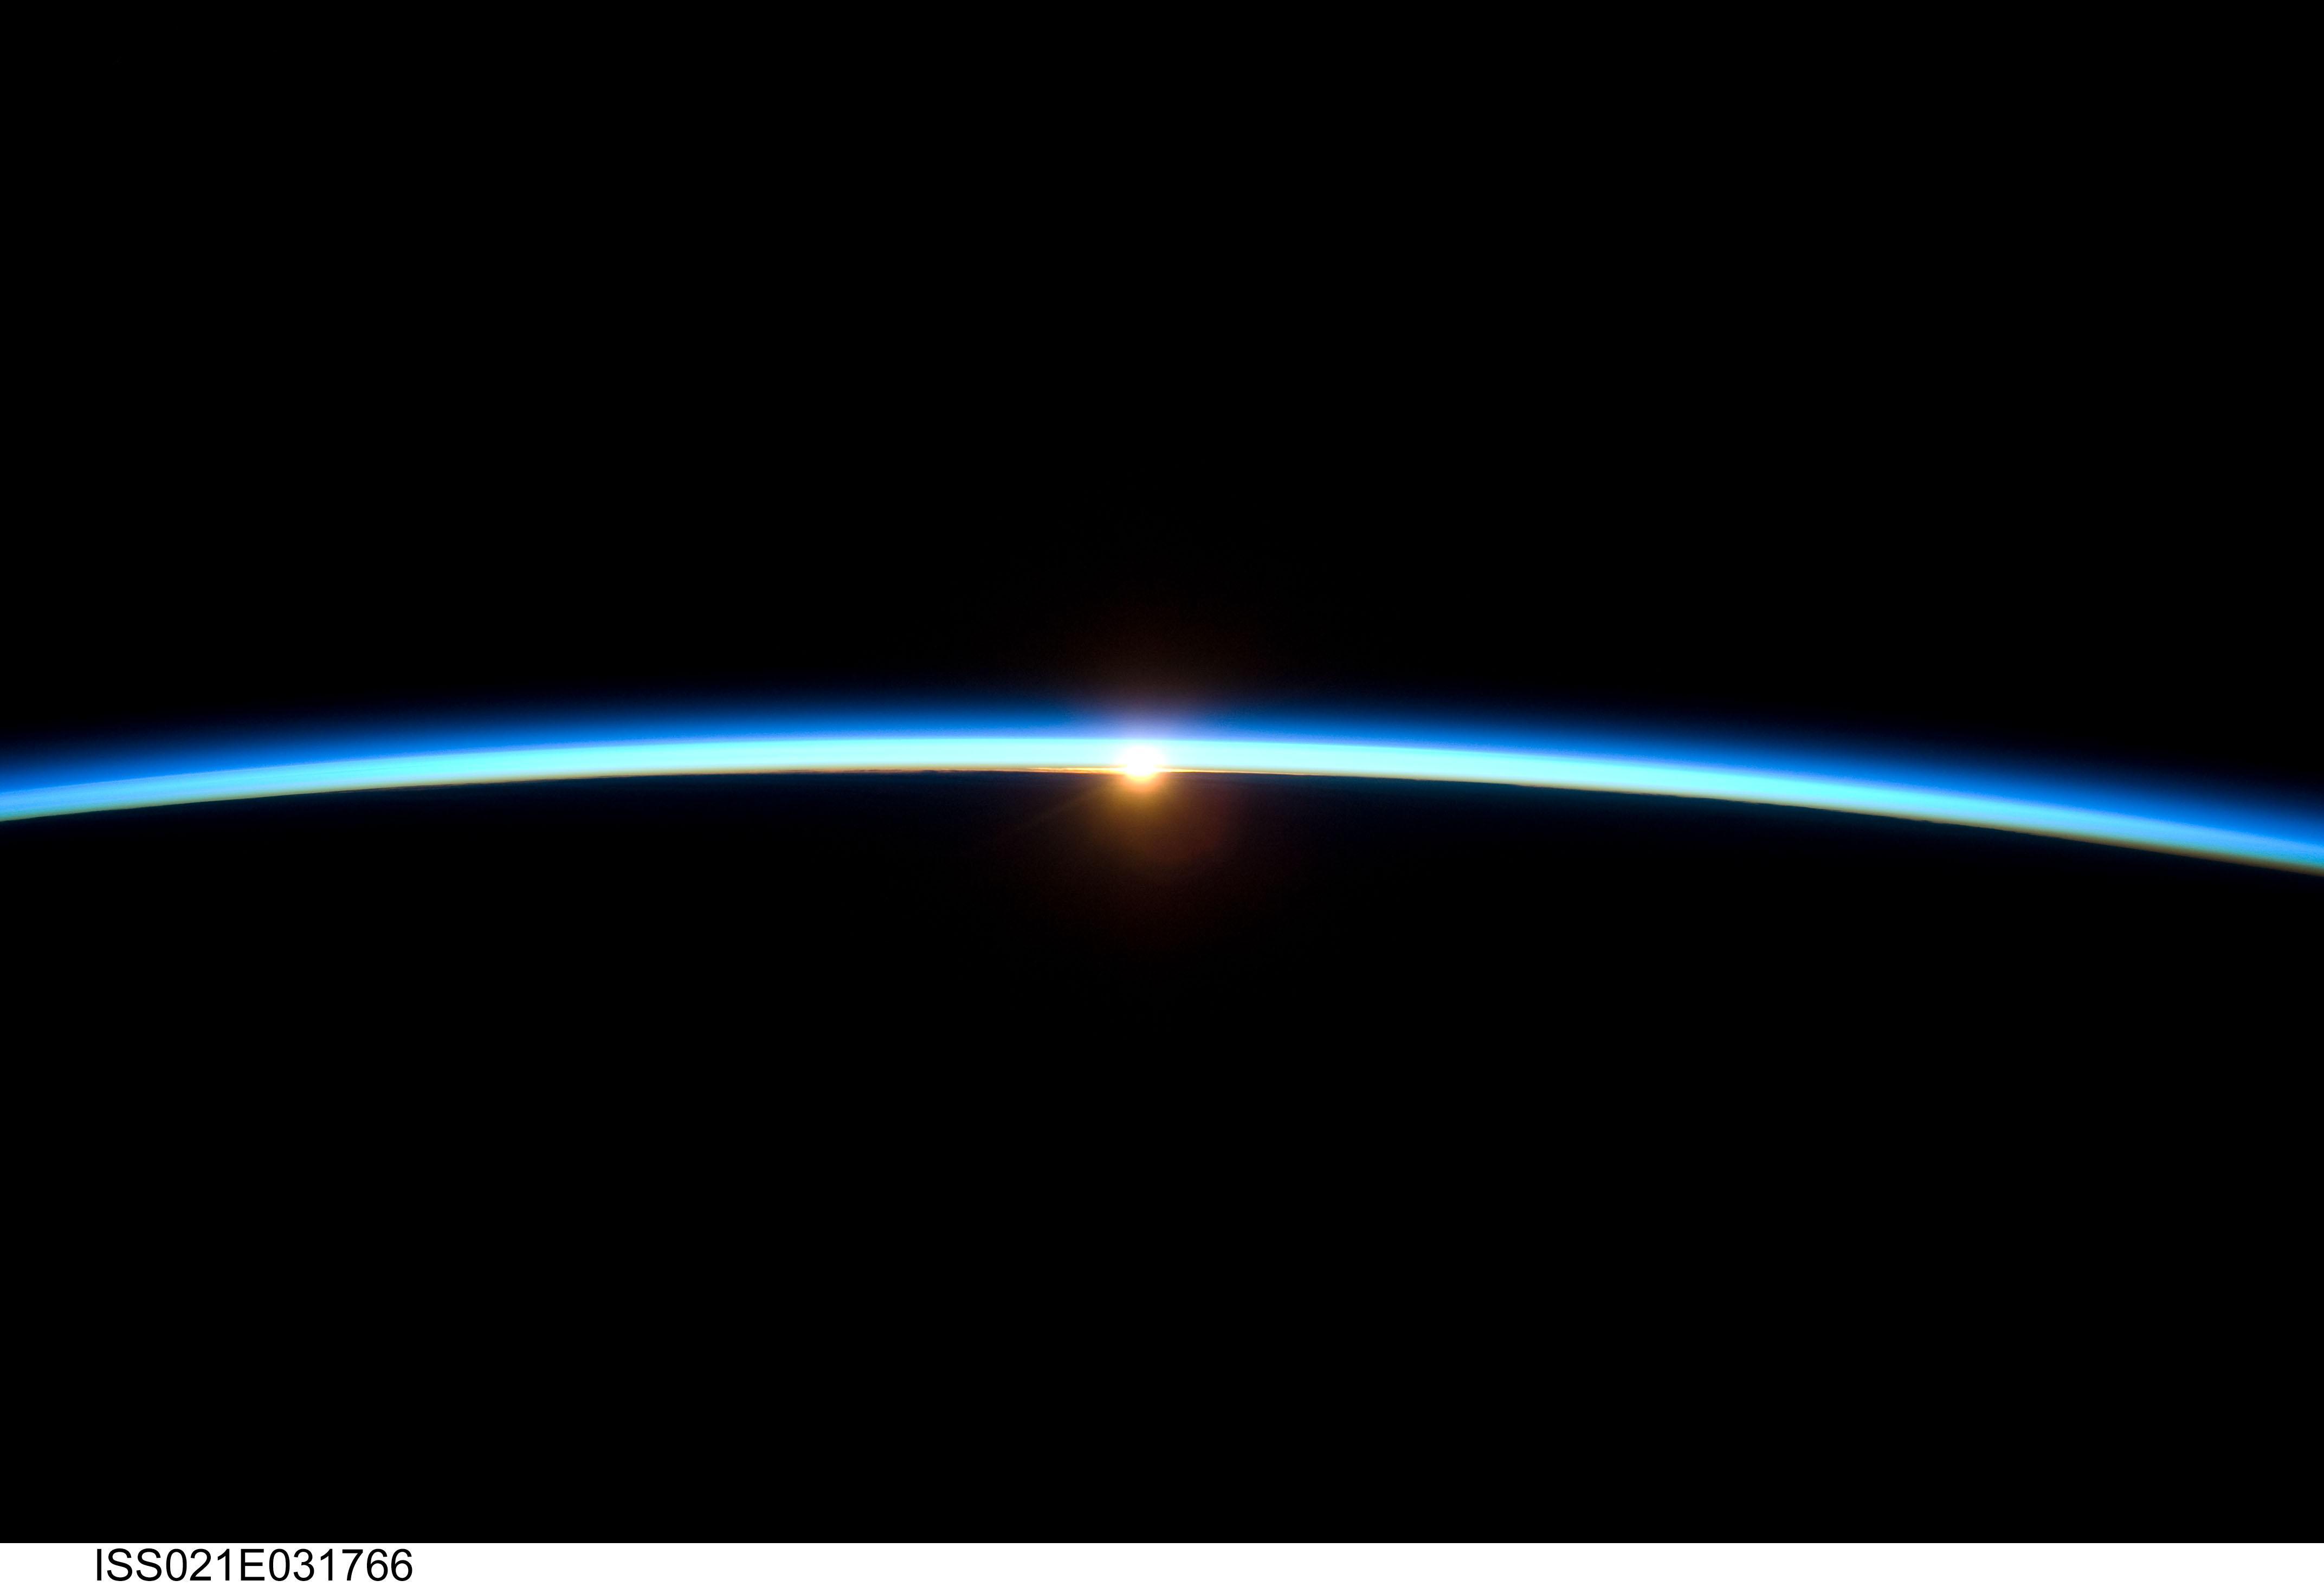 linea de la atmosfera de la tierra y el sol poniente se unen en ...